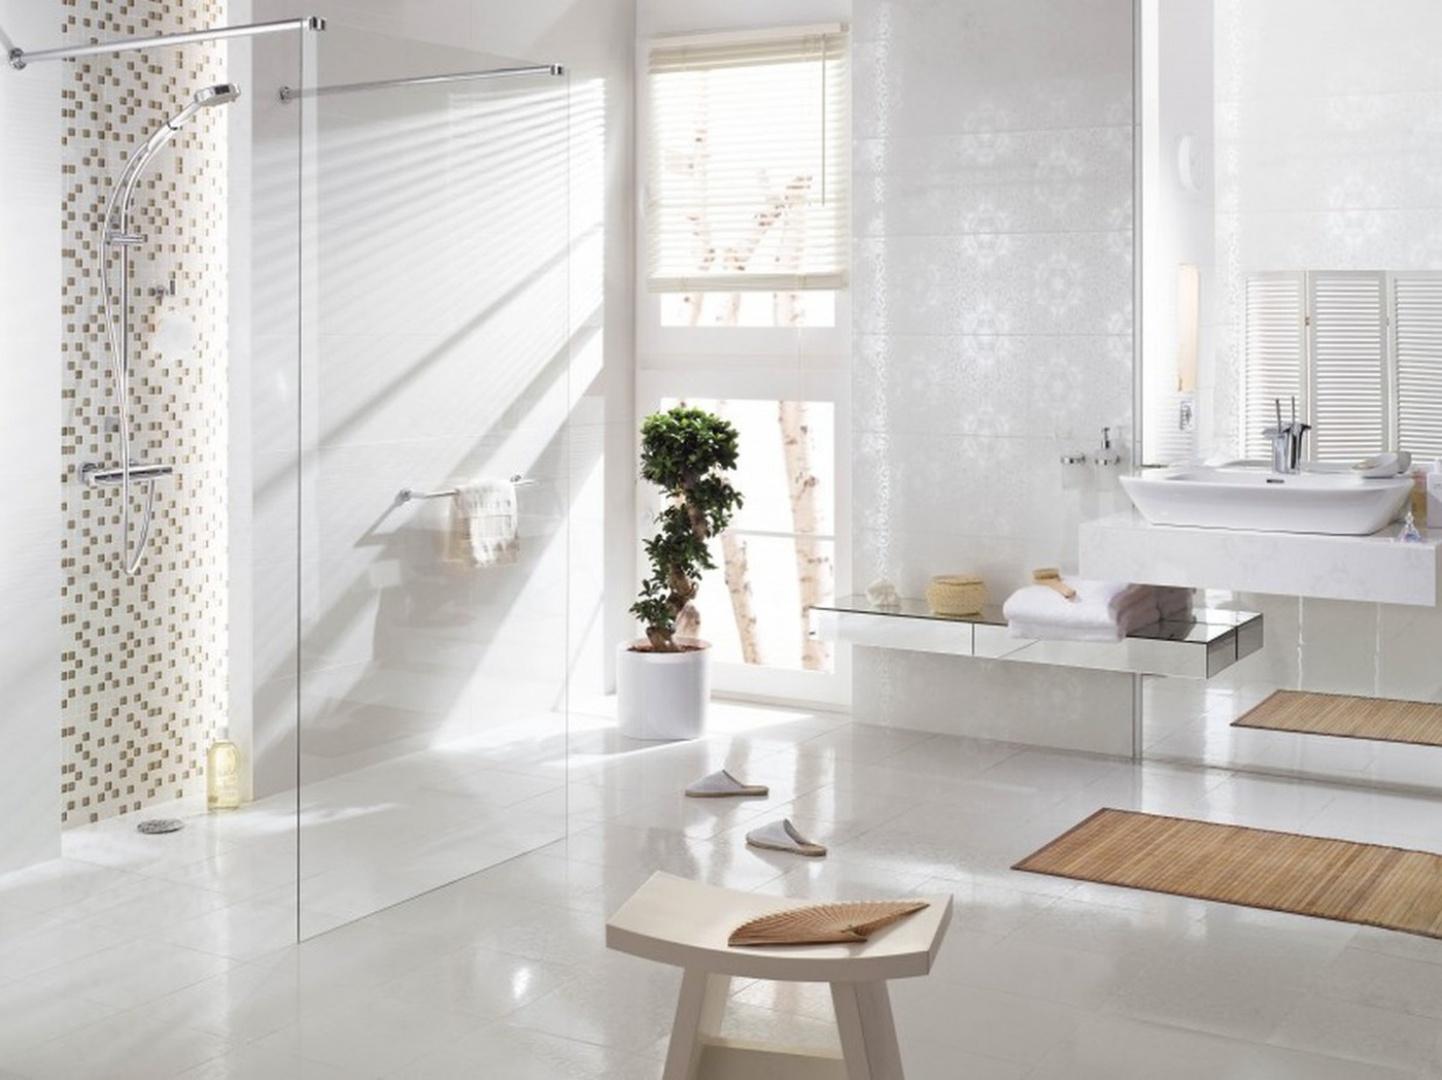 Białe płytki mogą nadać przestrzeni łazienki elegancki klimat. Na zdjęciu: kolekcja Velatia by My Way Paradyż Group. Subtelny nadruk na płytkach bazowych odbija światło. Uzupełnieniem kolekcji są płytki z nadrukiem lustrzanych pasków. Fot. My Way Pardyż Group.